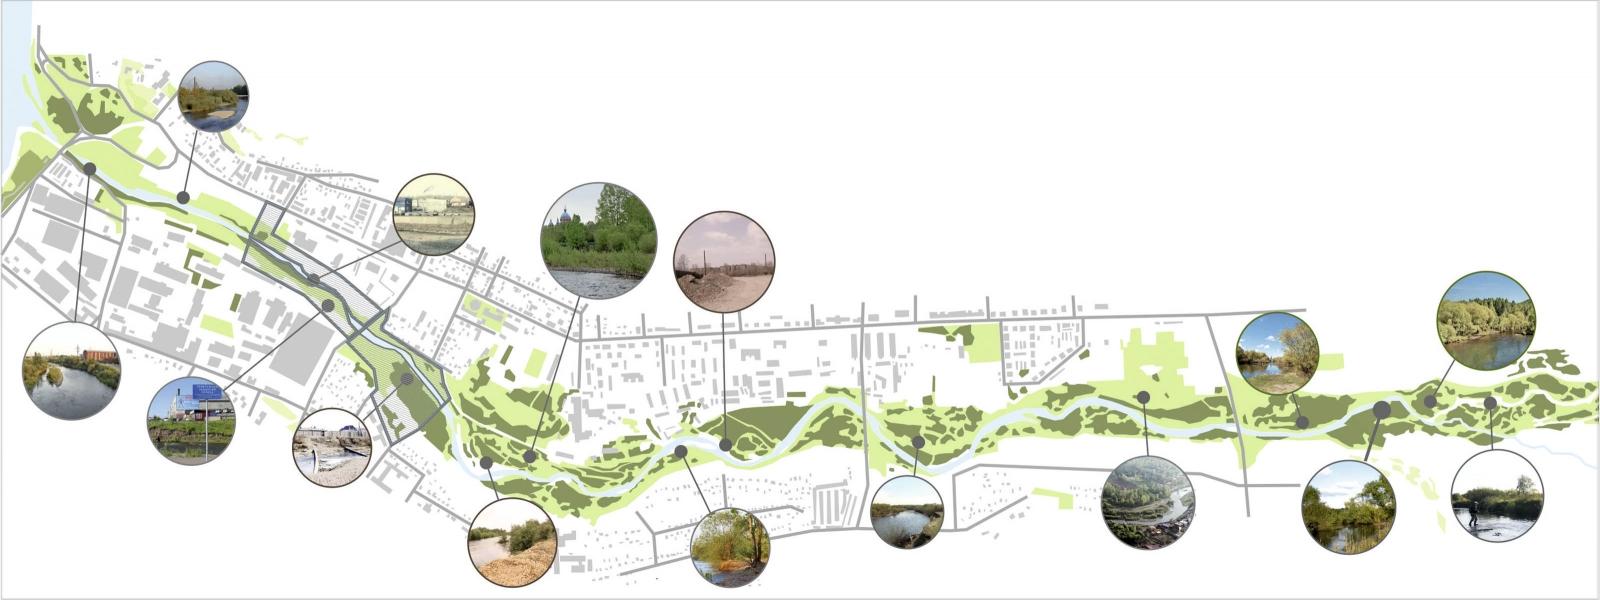 work-Концепция общественного пространства реки Ушаковка в Иркутске